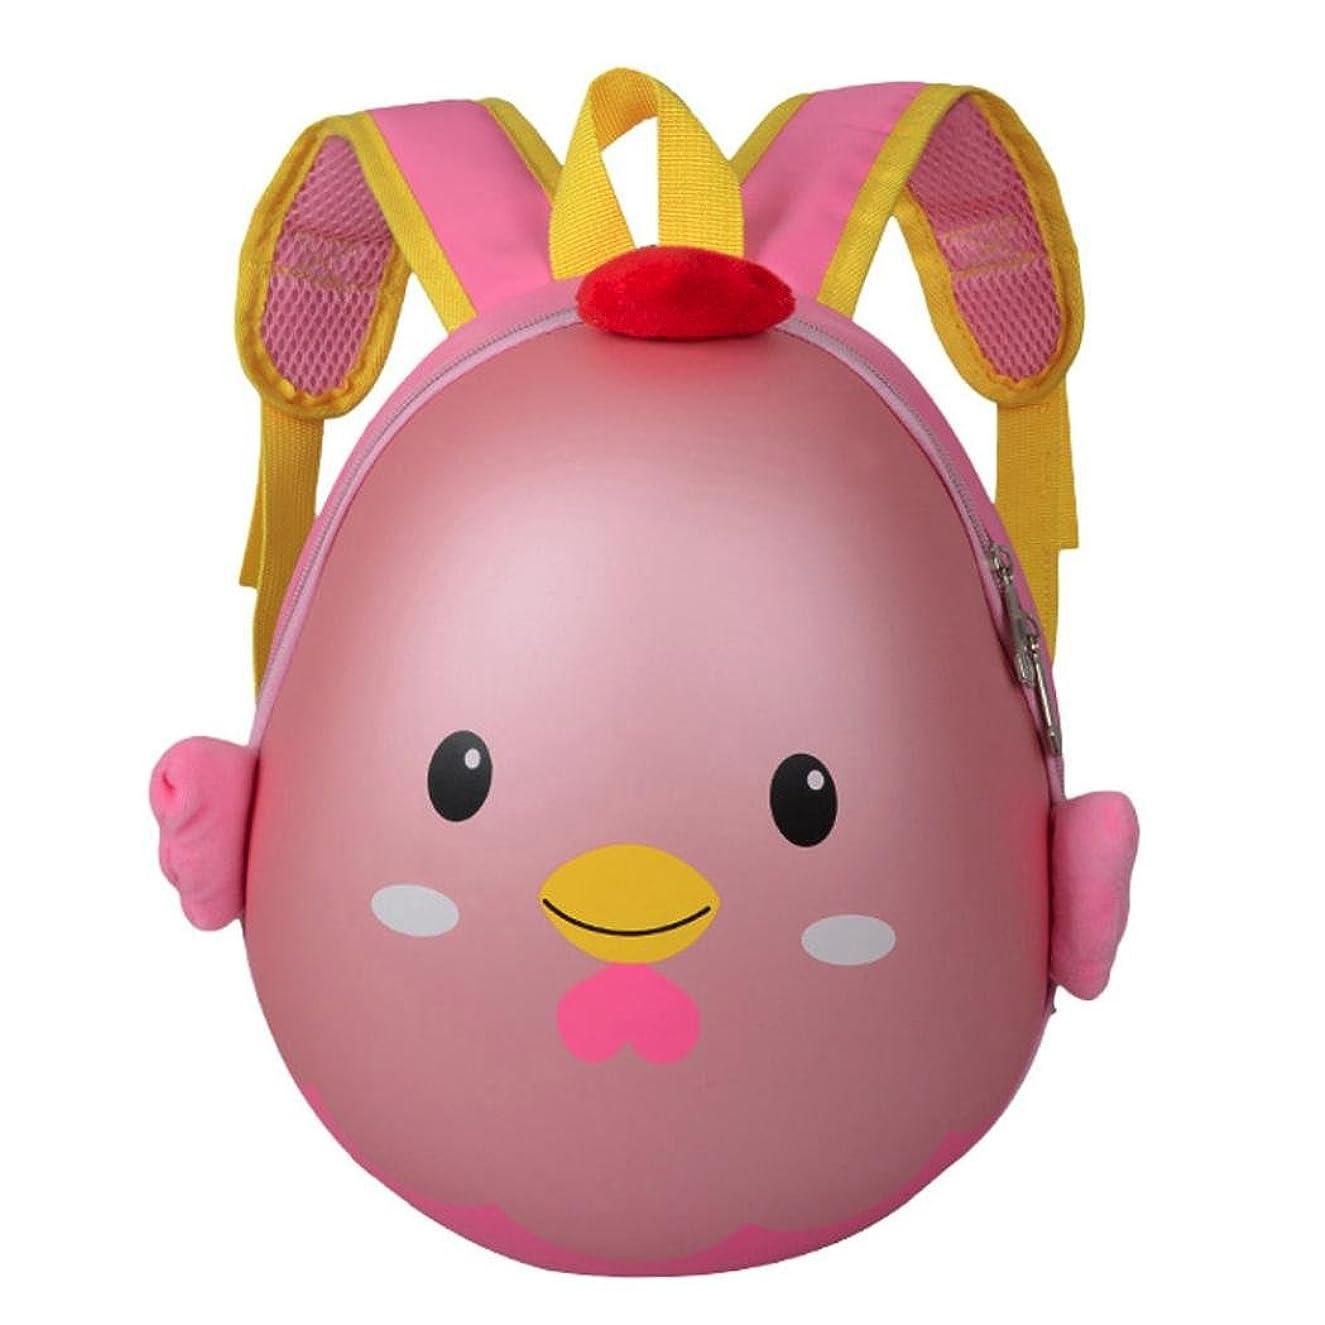 Transer Cute Cartoon Chick Egg Shell School Backpack Bag Student Bags Bookbags for Baby Boys Girls Toddler Kids Kindergaten